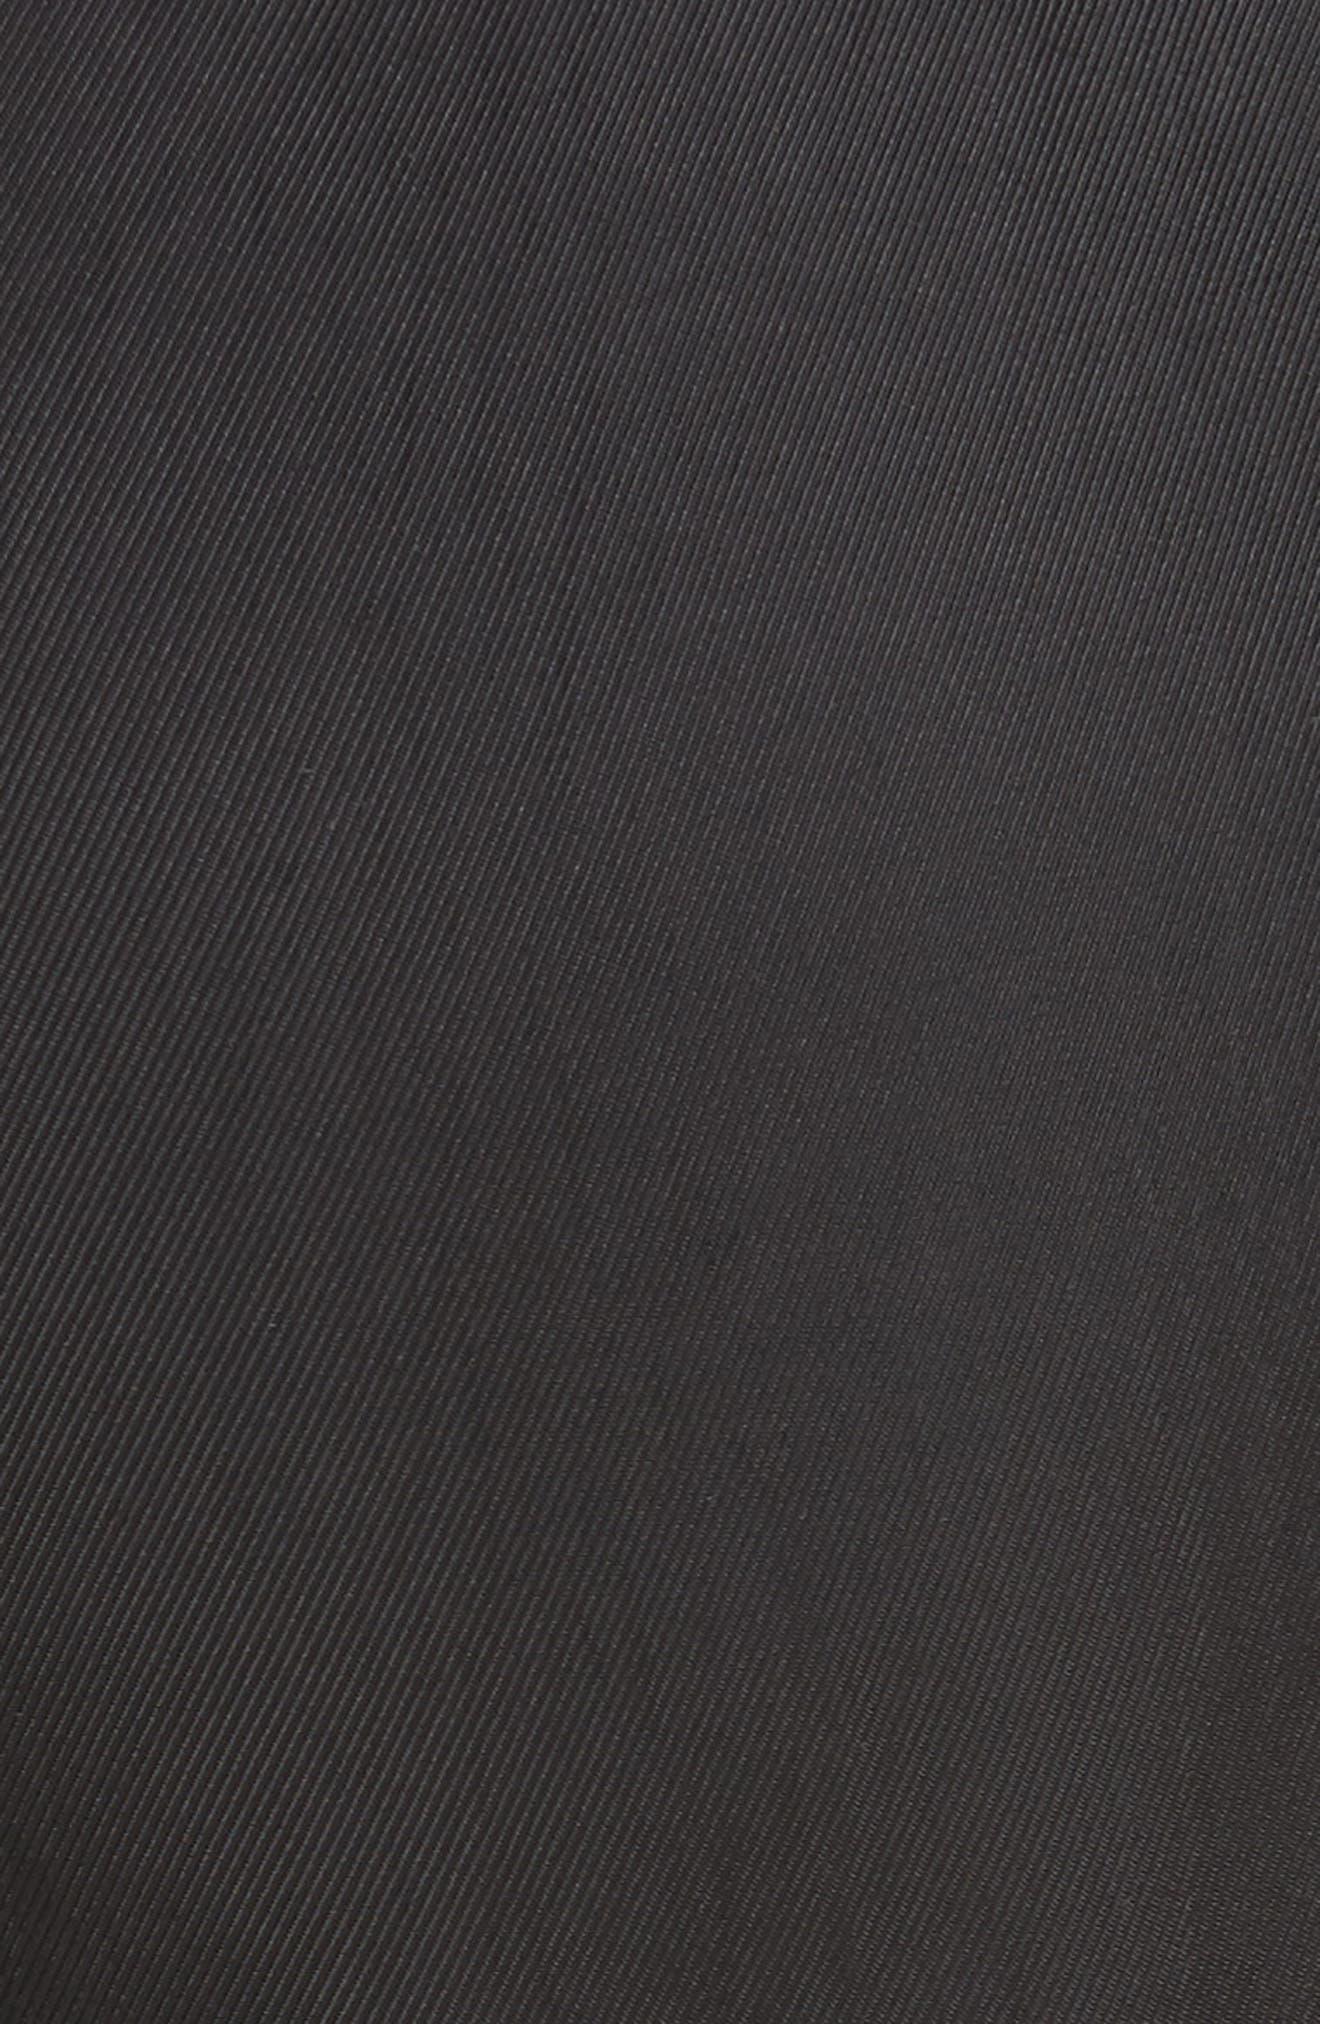 Tous Les Jour Giles Jogger Pants,                             Alternate thumbnail 5, color,                             Black